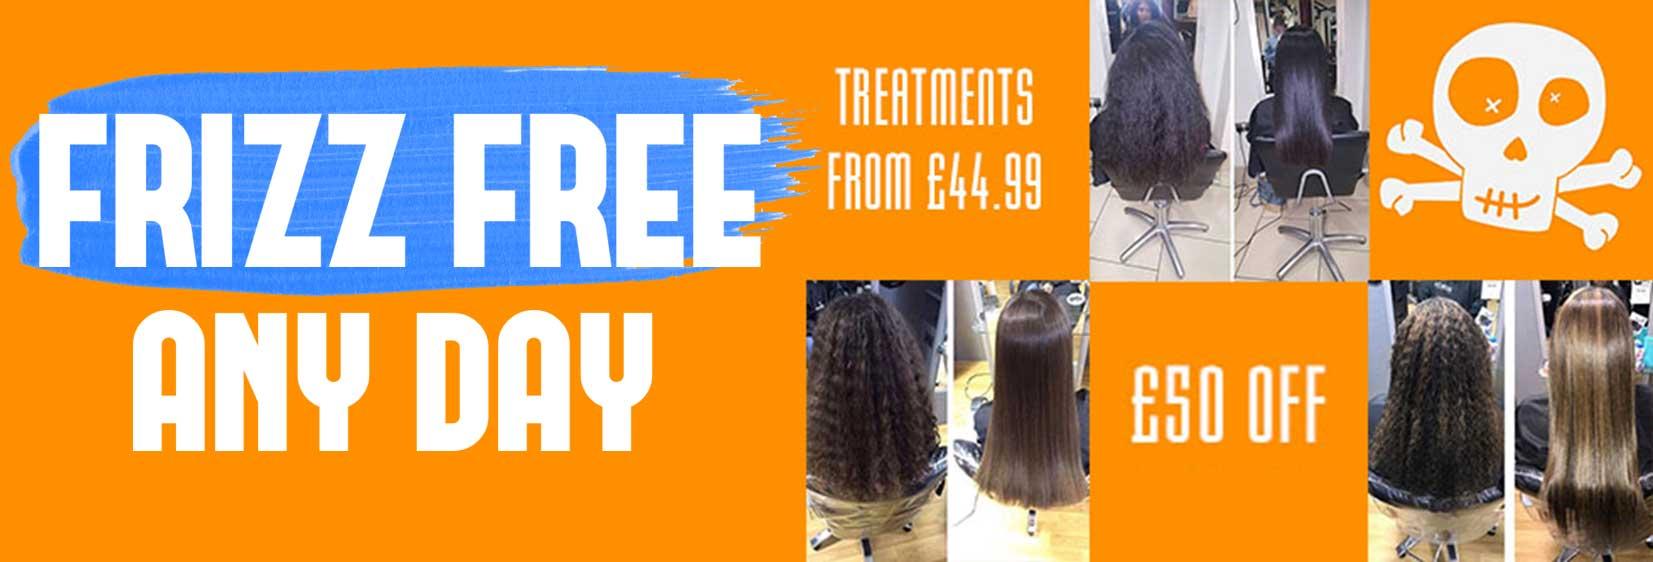 frizz-free-anyday